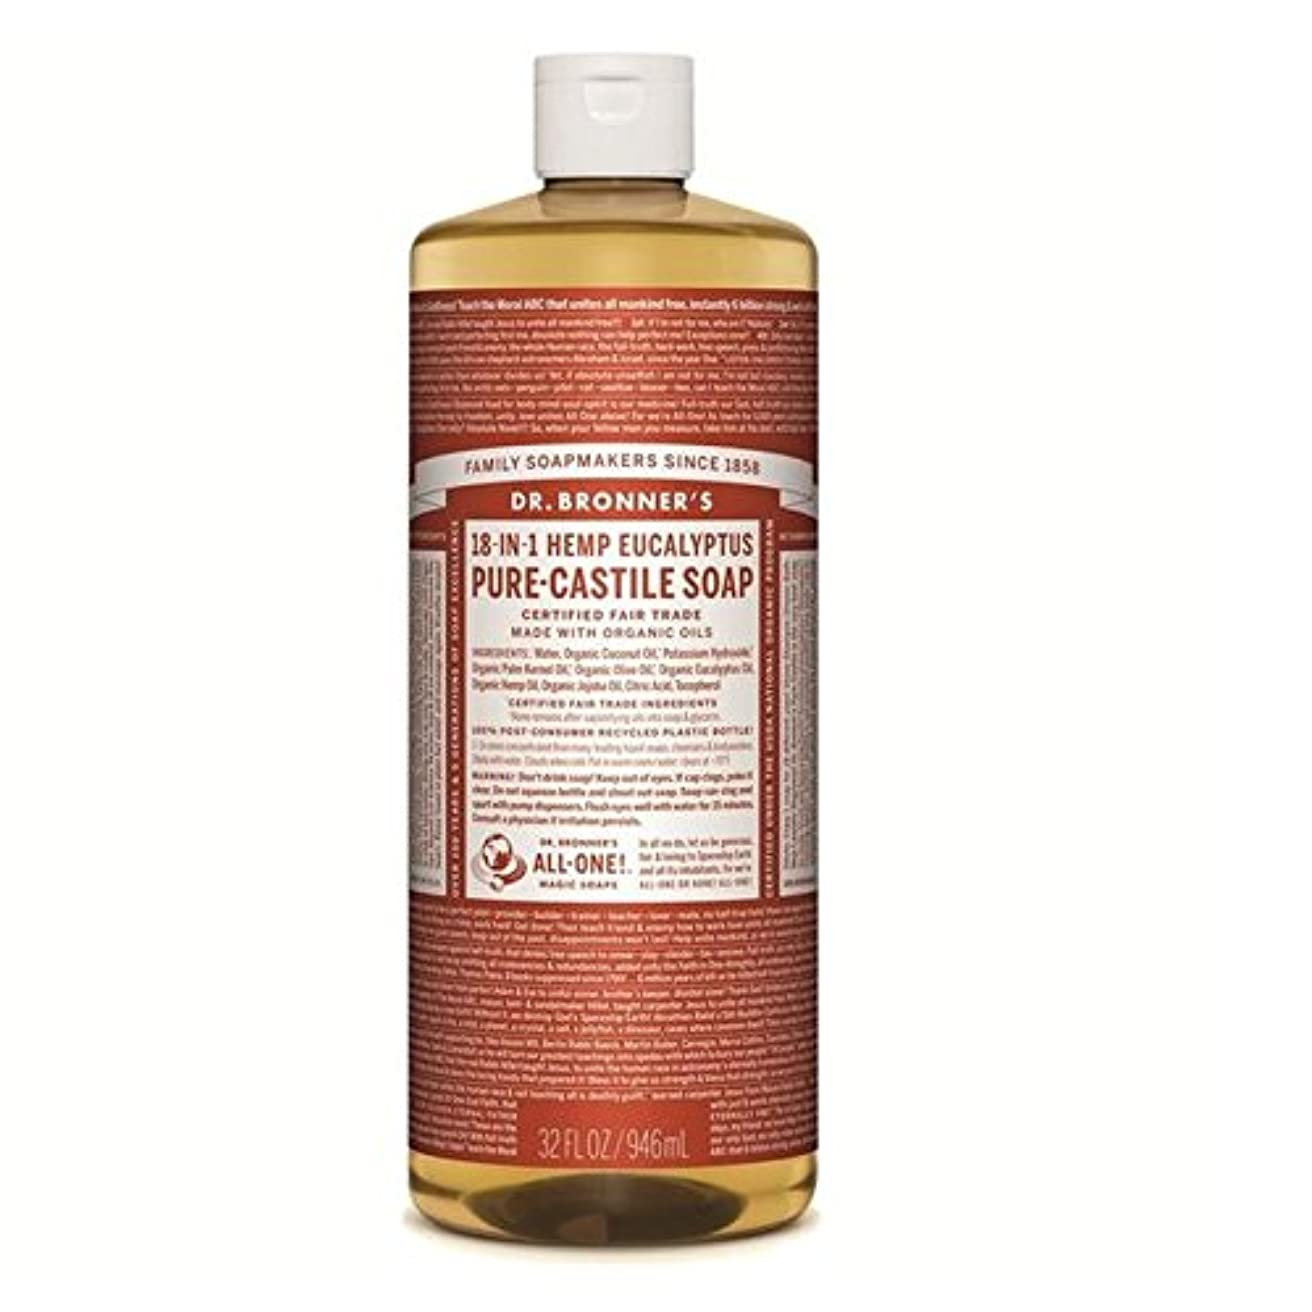 再び入札死すべきのブロナー有機ユーカリカスティーリャ液体石鹸946ミリリットル x2 - Dr Bronner Organic Eucalyptus Castile Liquid Soap 946ml (Pack of 2) [並行輸入品]